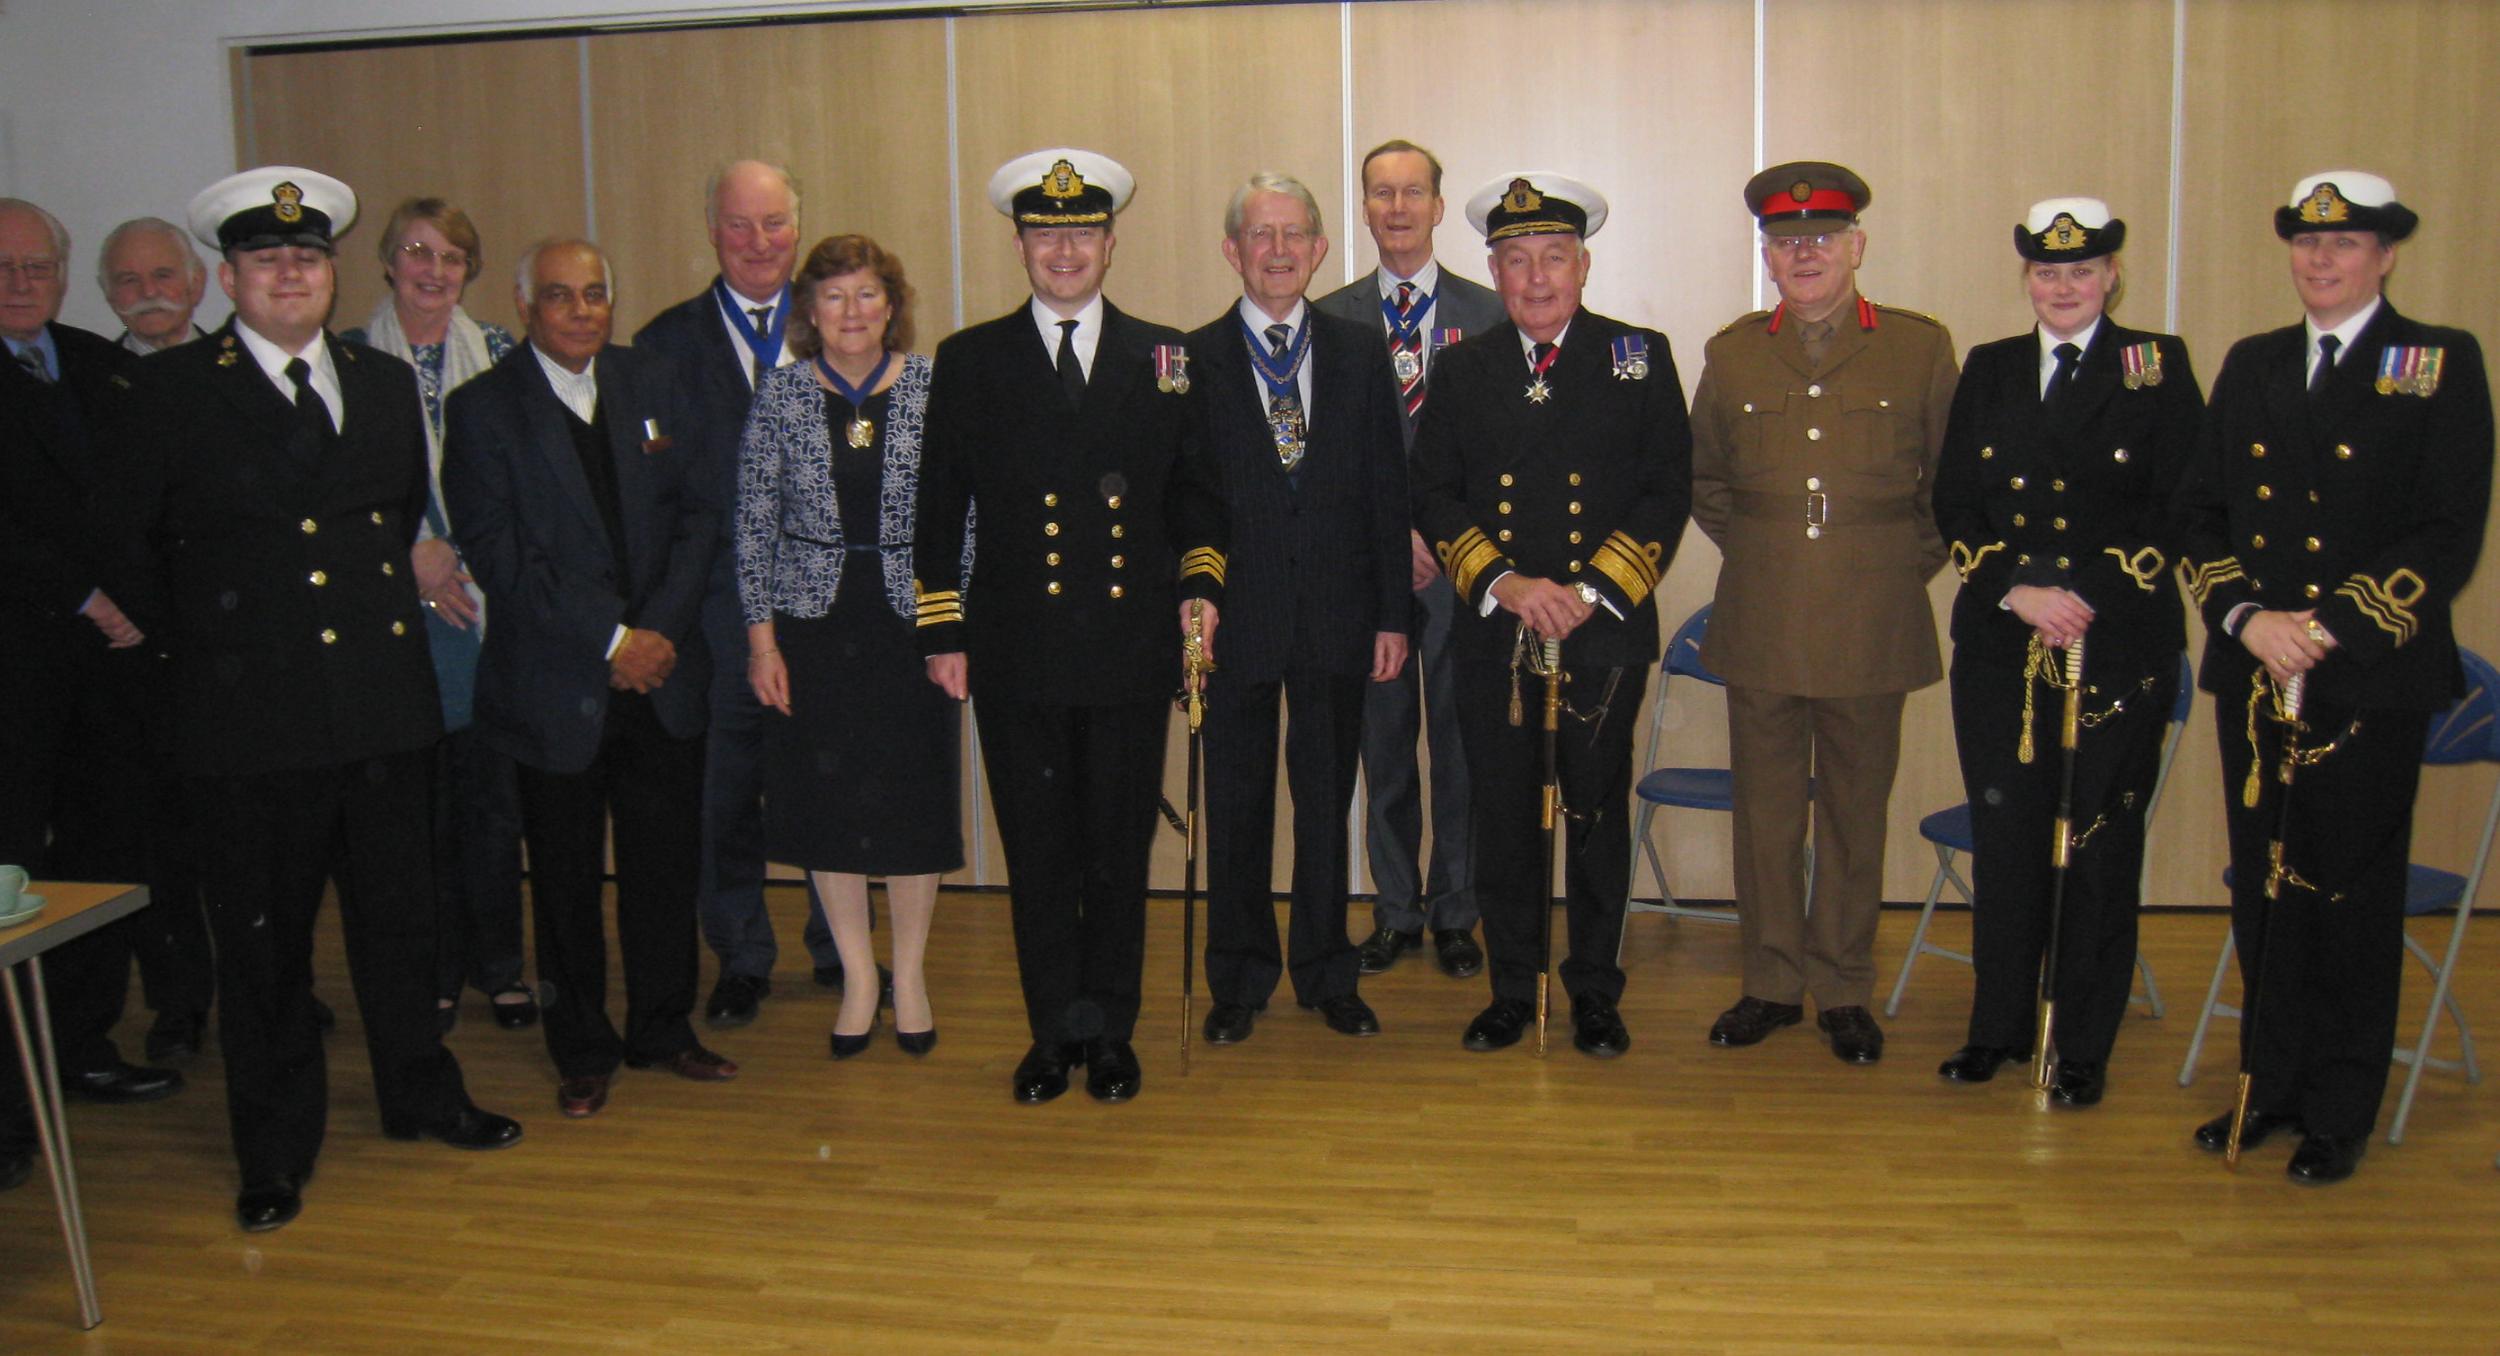 CPO D Hagger (CO TS Barrosa)/Cllr Deputy Mayor & Consort/ Inspecting Officer Cdr J Nisbet RN/Master/Clerk/President TS Barrosa-Vice Admiral J MacAnally/DL Martin Russell/Area Sea Cadet Officers